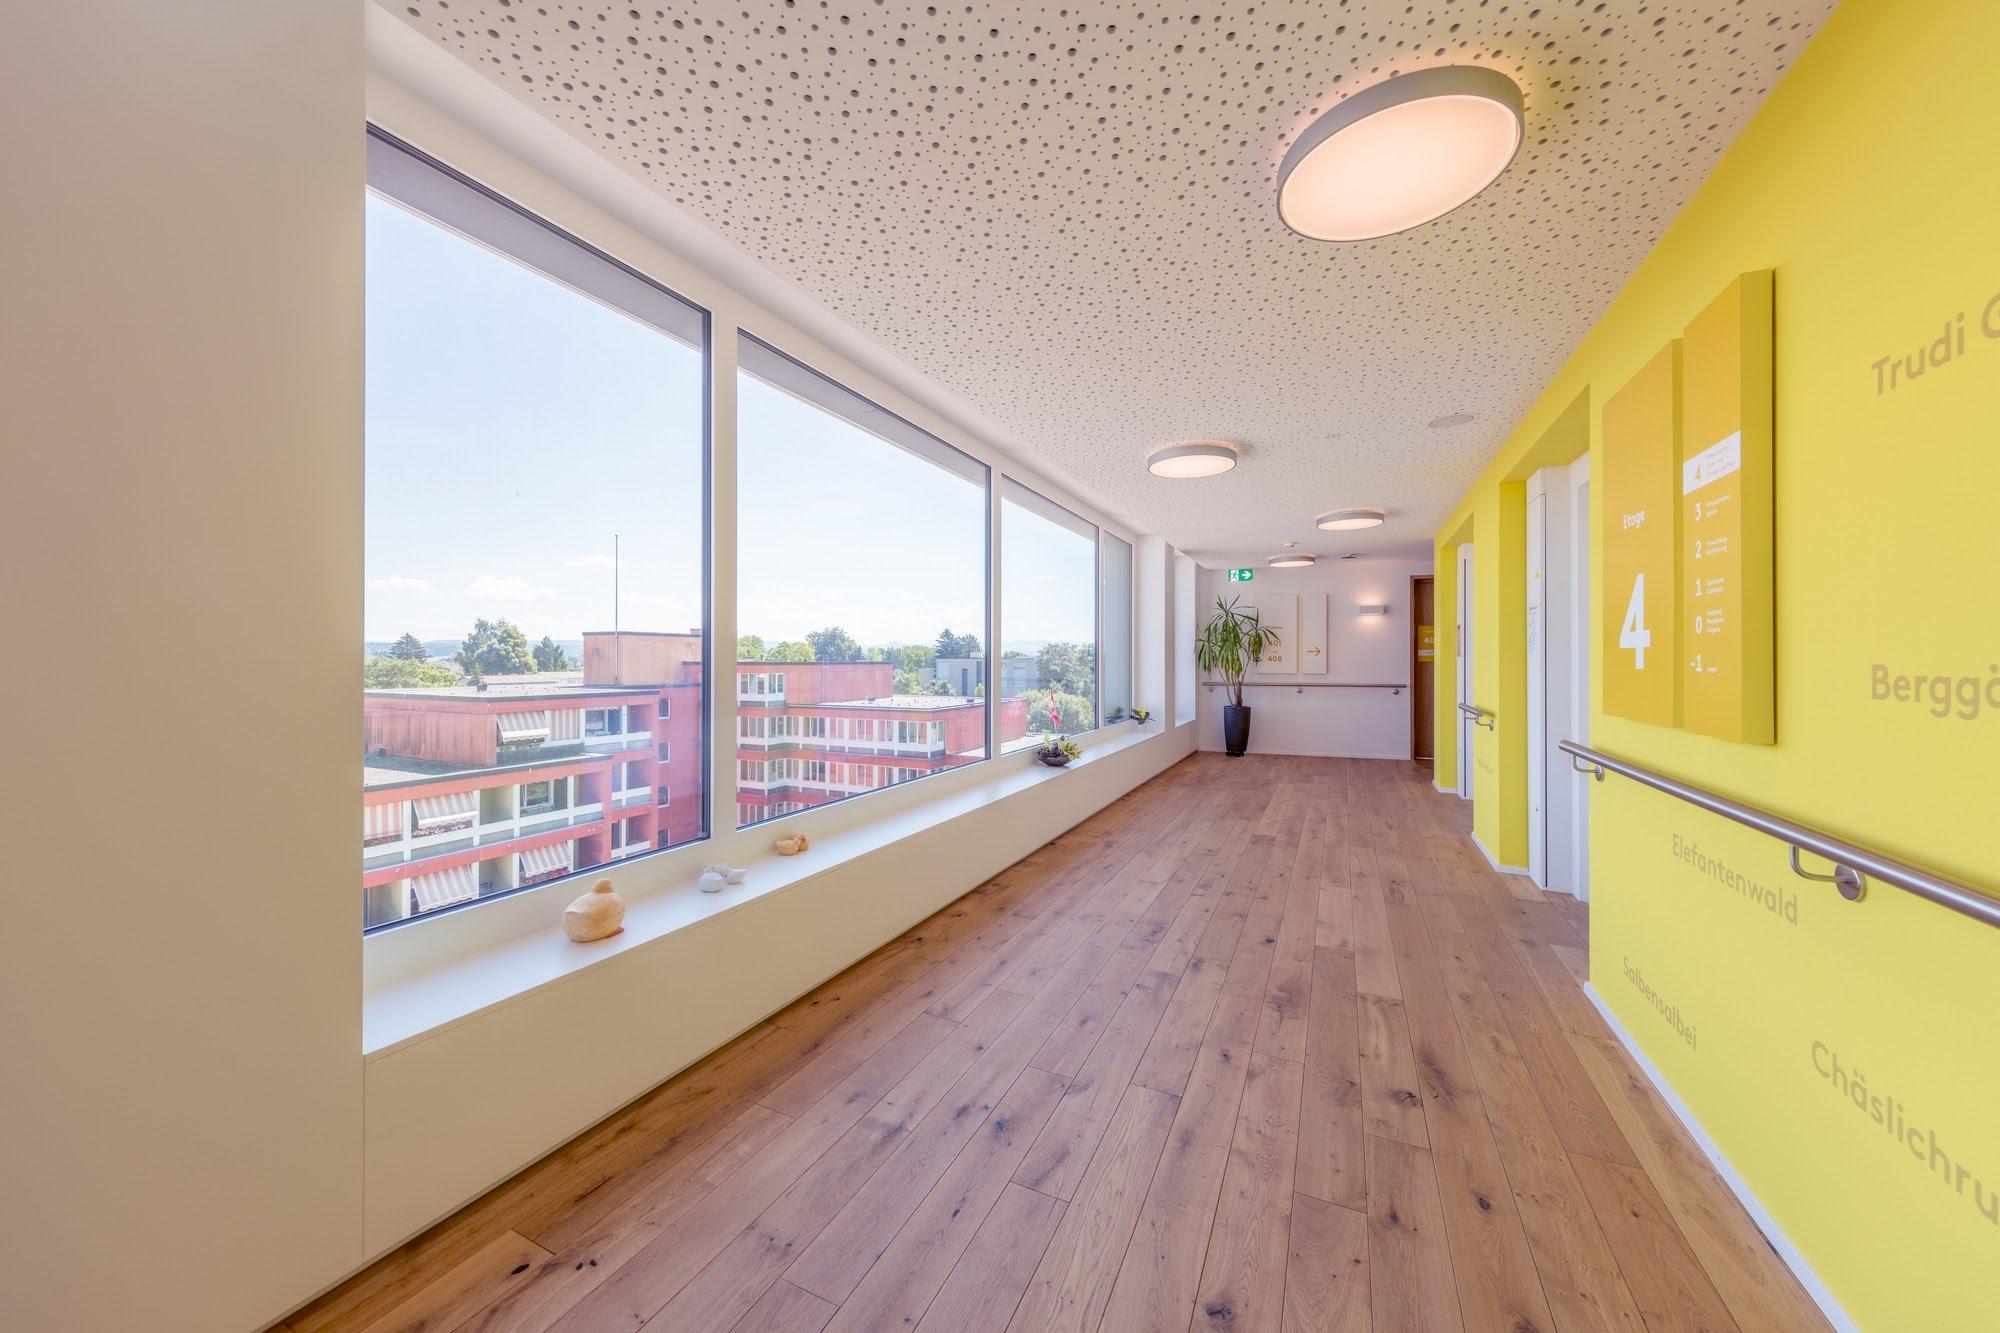 Wohnungsbau,Spez. Gipserarbeiten,Öffentliche Bauten,Akustiksysteme Erweiterung Alters- und Spitexzentrum